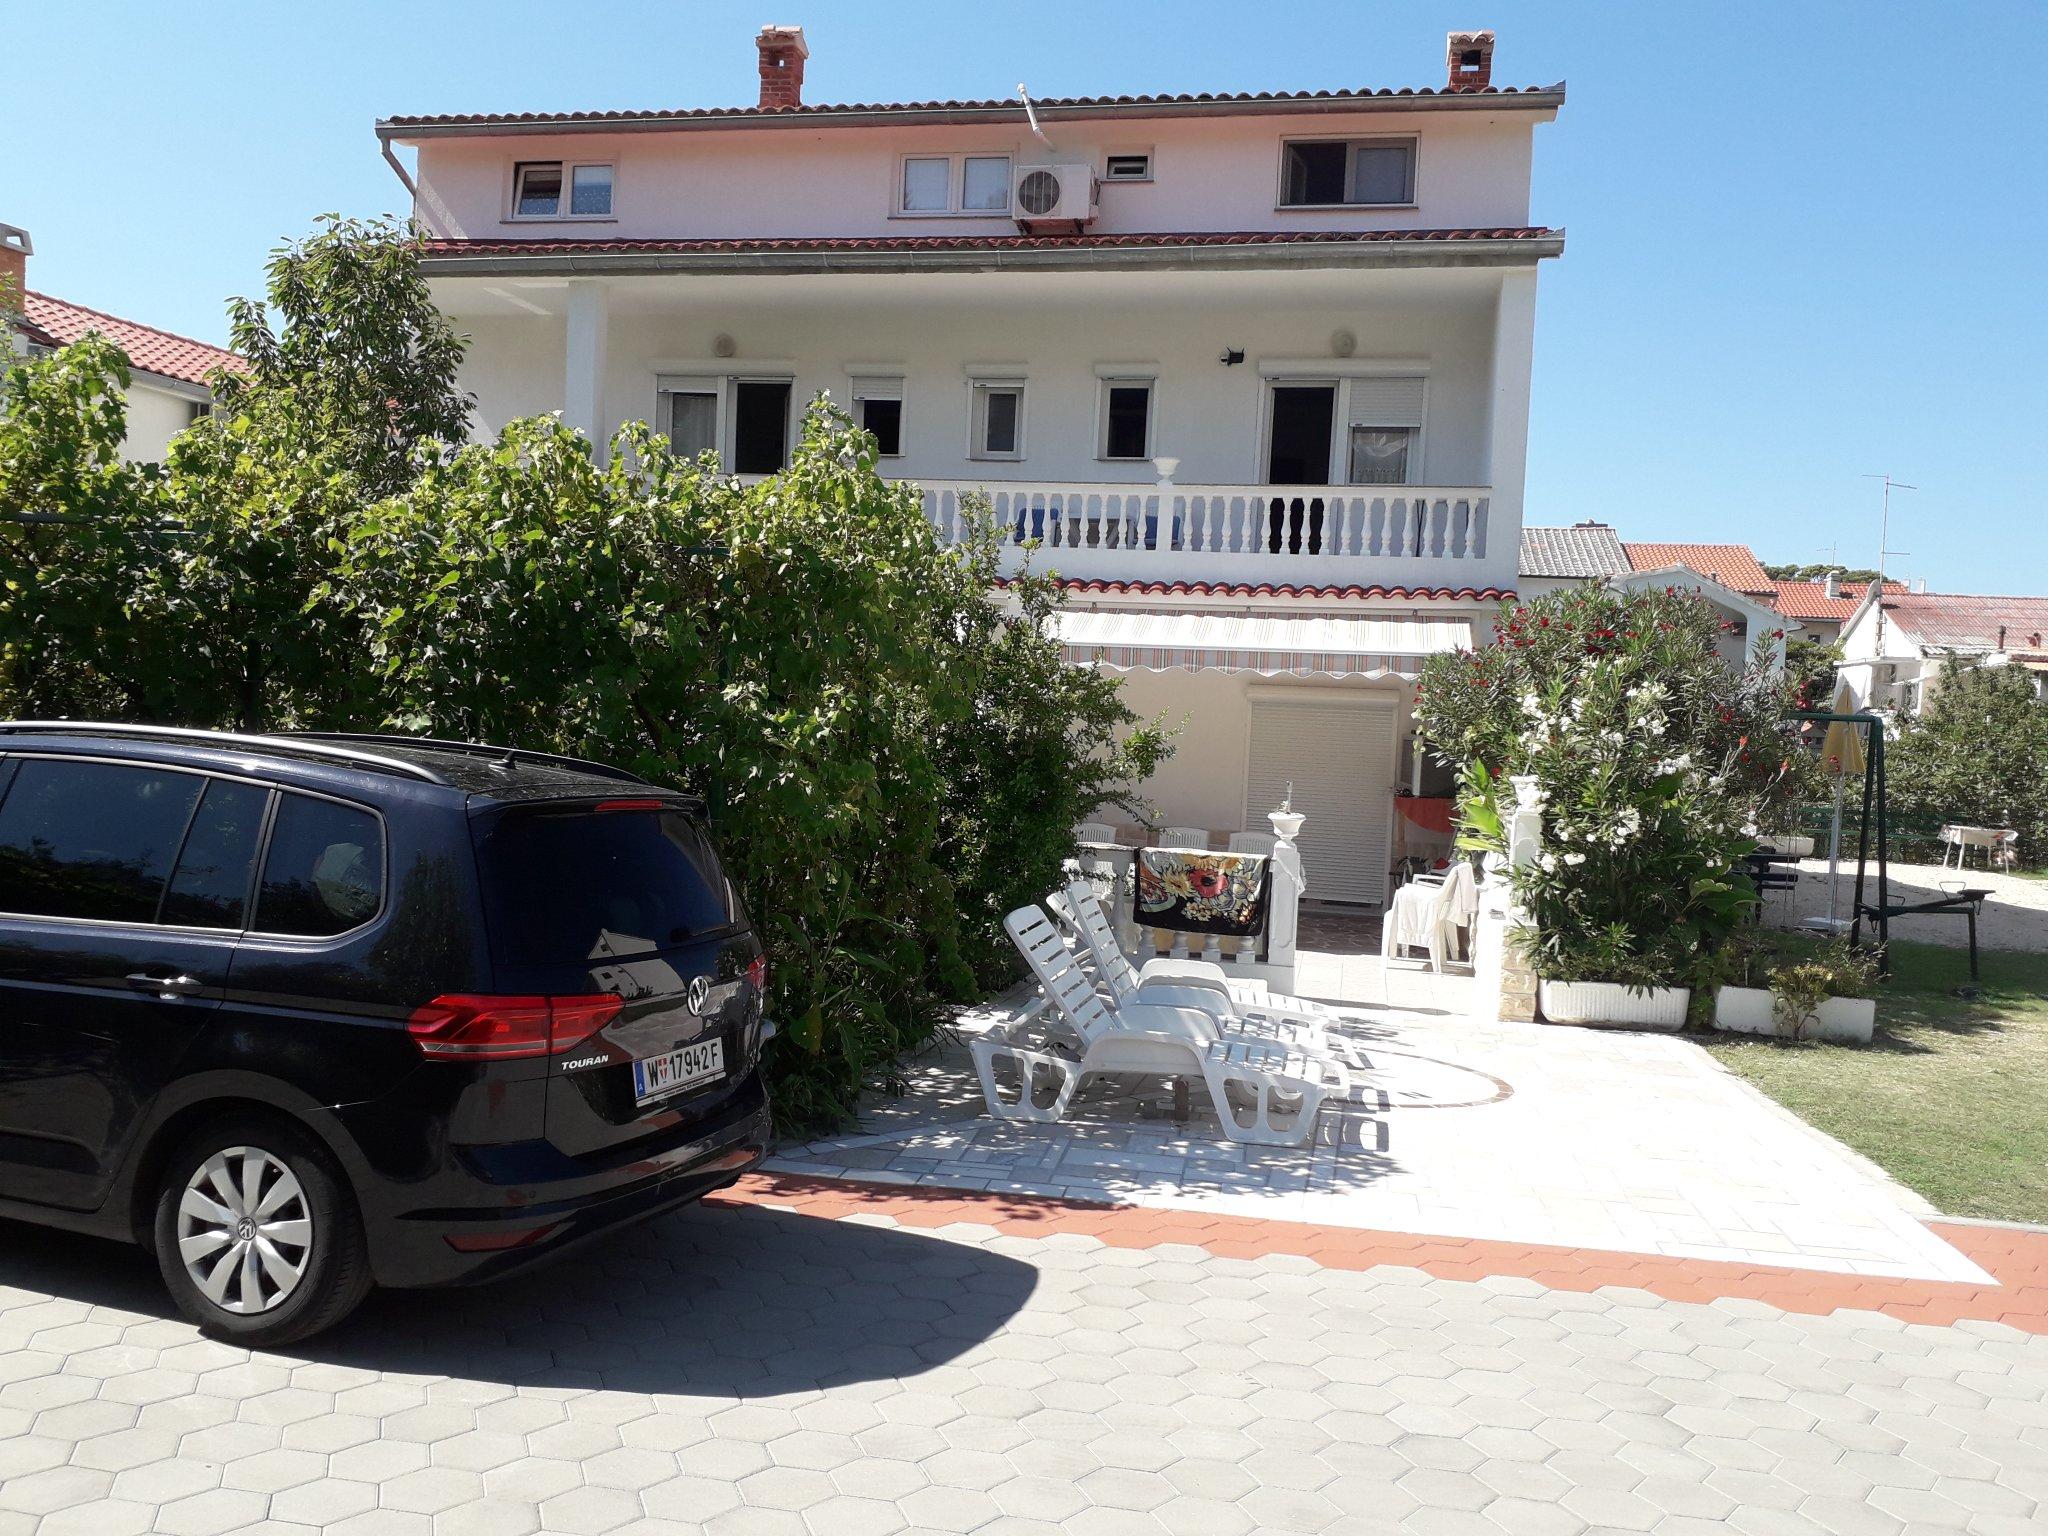 Ferienhaus mit zwei Wohnungen